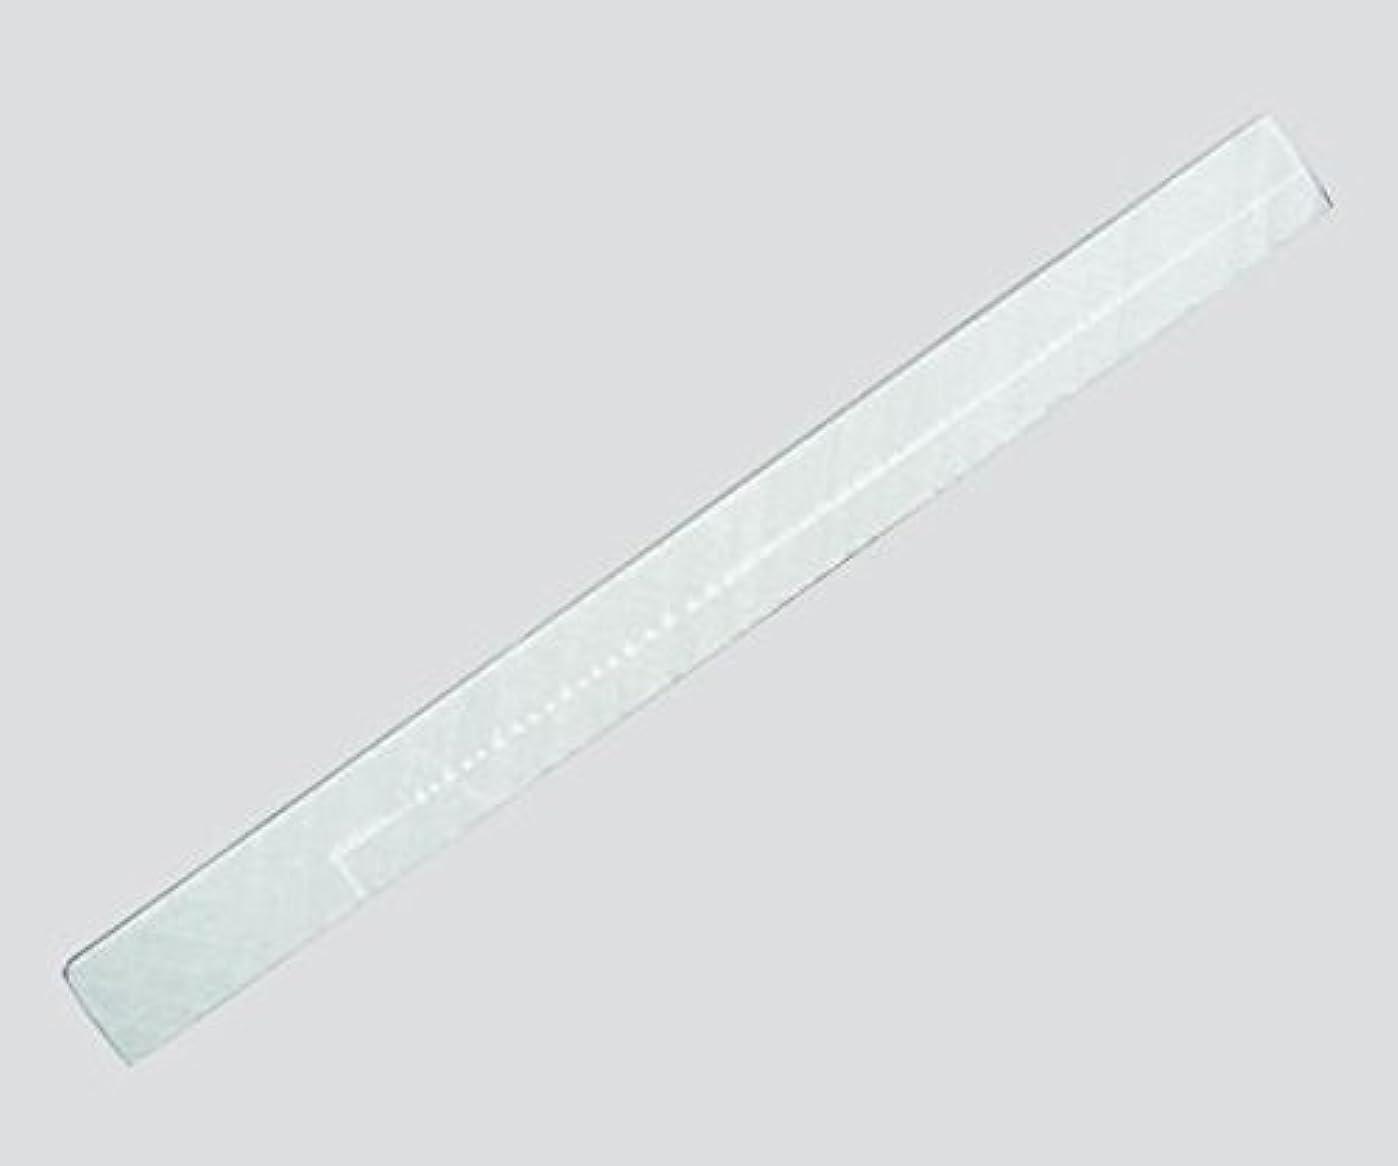 ブルジョン独立してどう?祥碩堂祥硯堂 石筆 平 10×5×80(100本入り) /3-7204-03